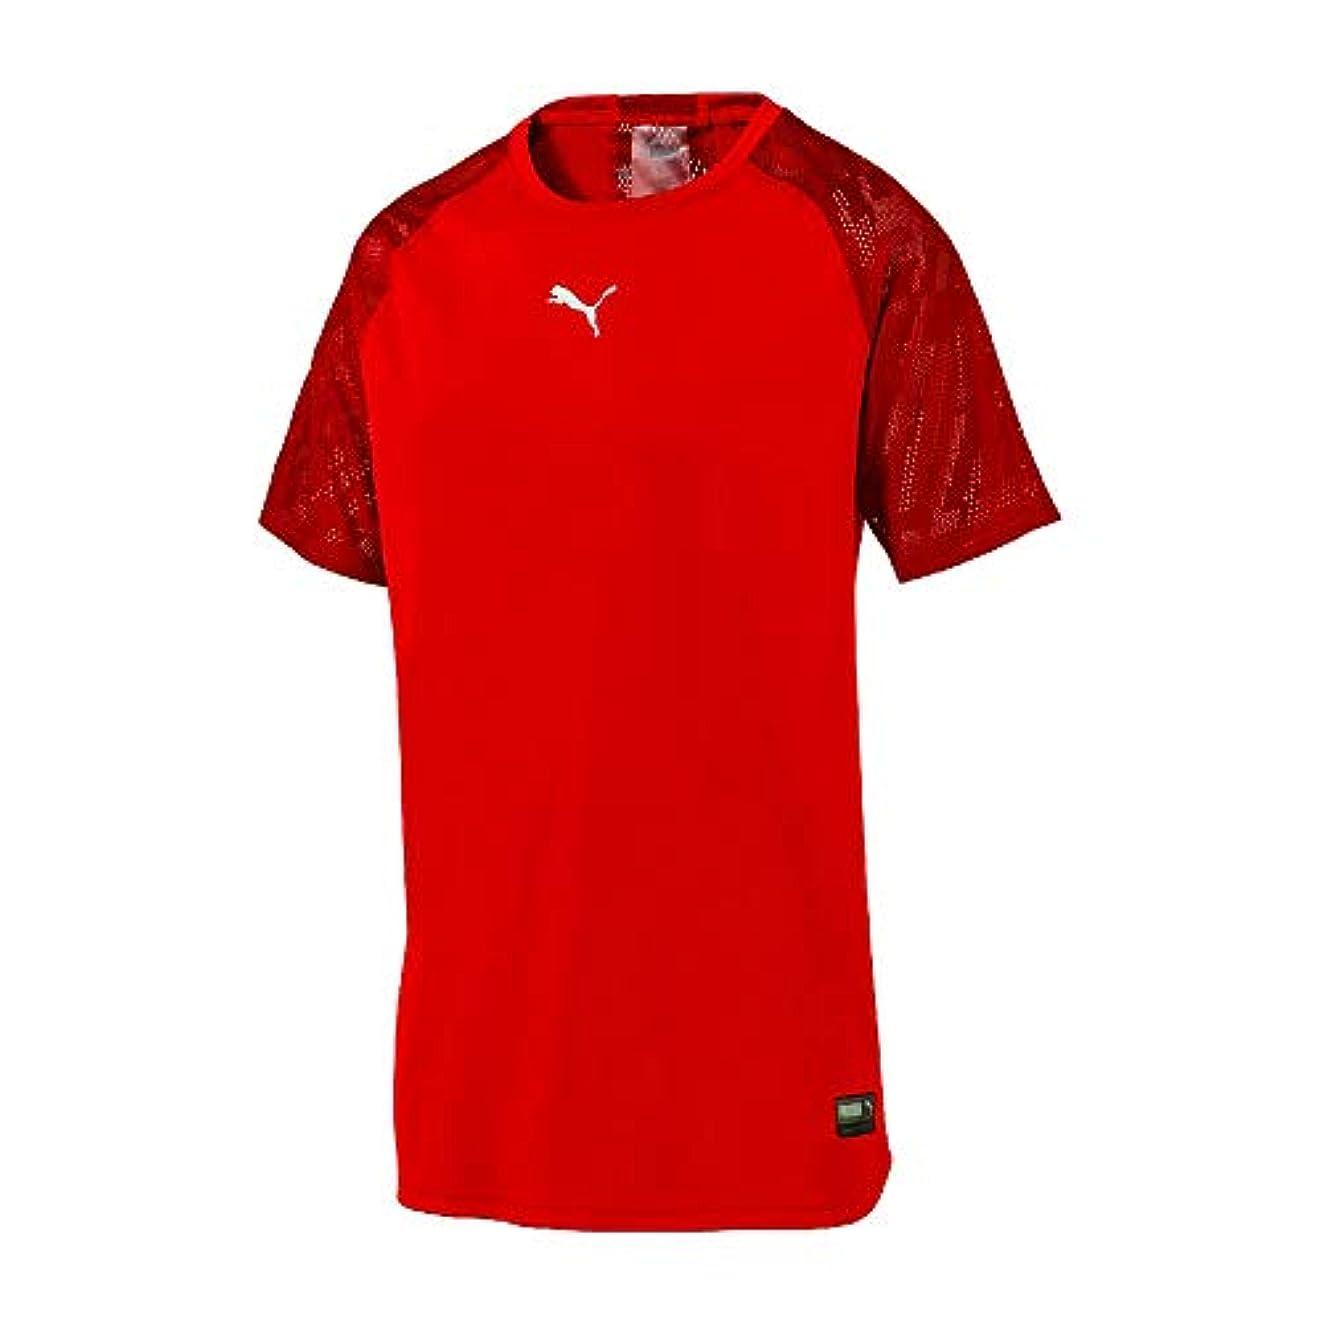 プレフィックス革命モルヒネ[プーマ] トレーニングウェア VENT グラフィック Tシャツ 517544 [メンズ]